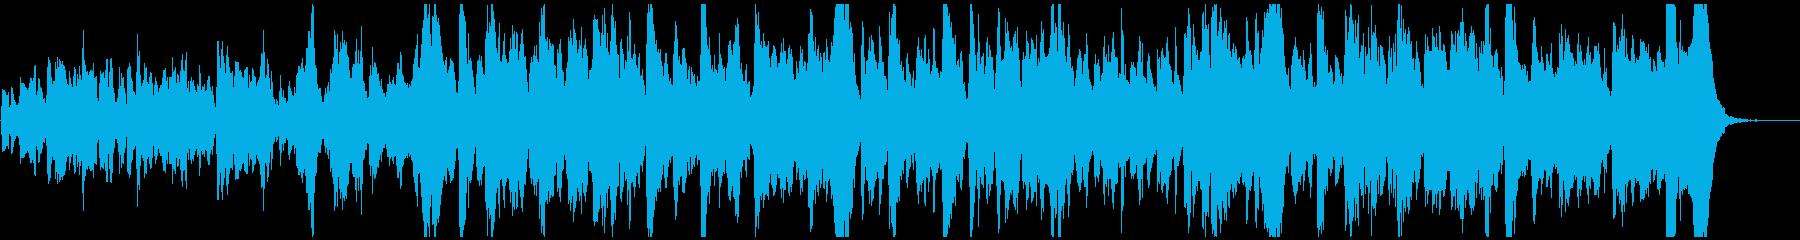 ほのぼのゆったりとしたオーケストラワルツの再生済みの波形